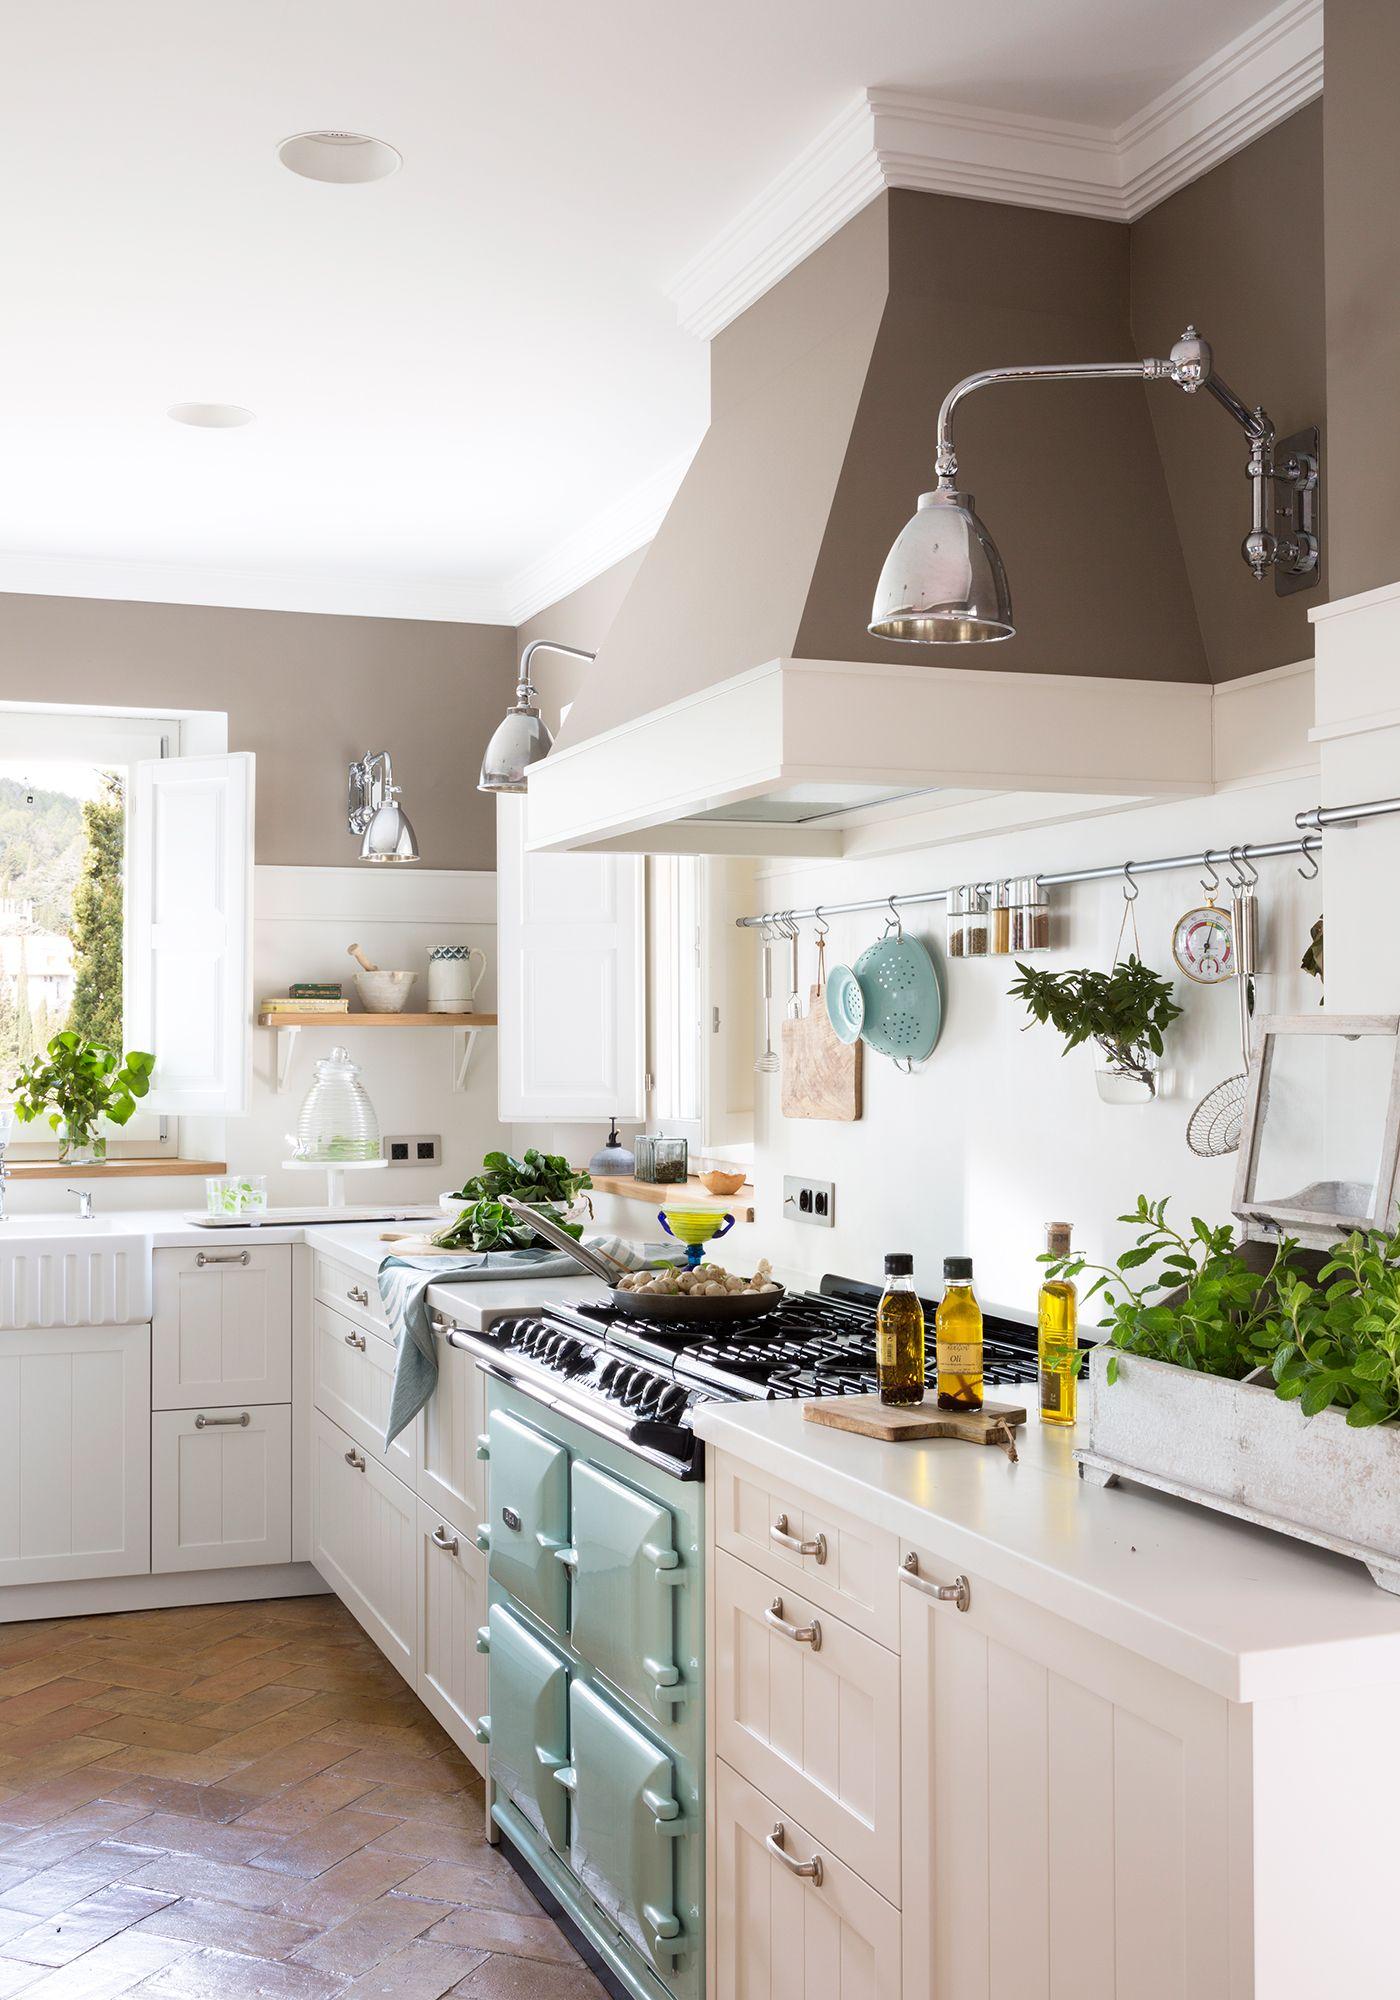 Cocina con muebles en blanco y pared en gris 00455007 for Muebles de cocina gris